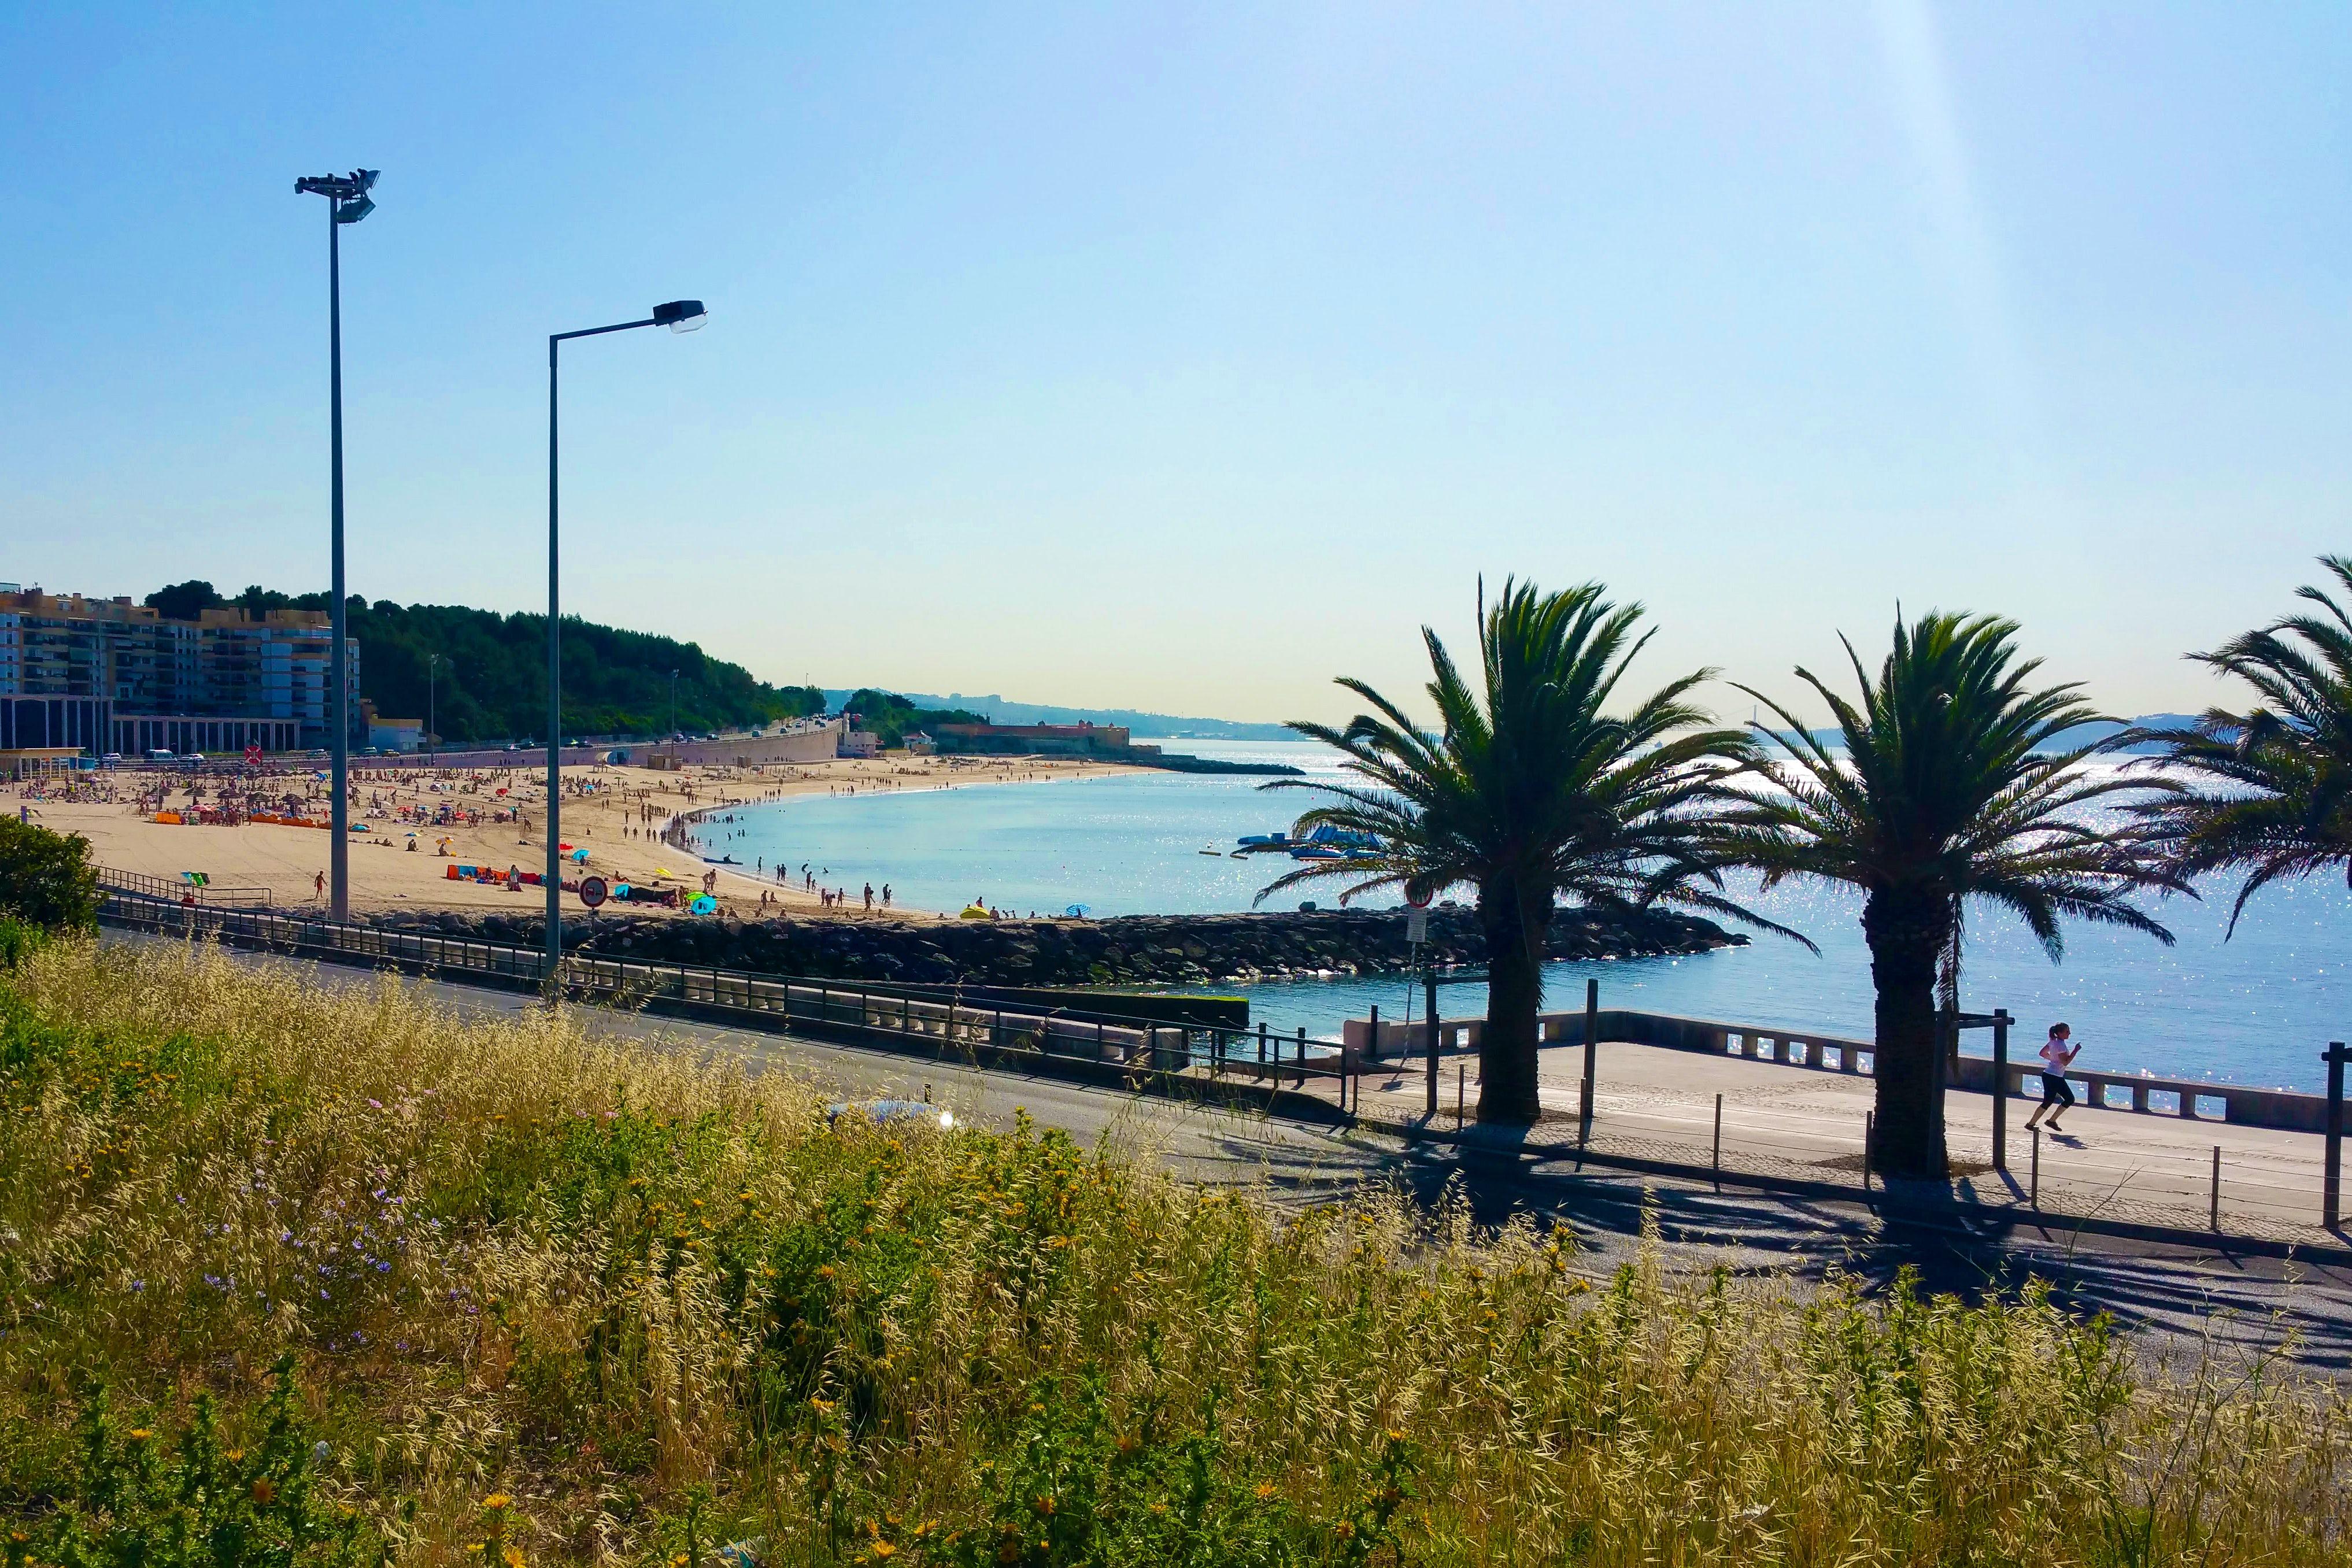 Great beaches along the Oeiras coastline